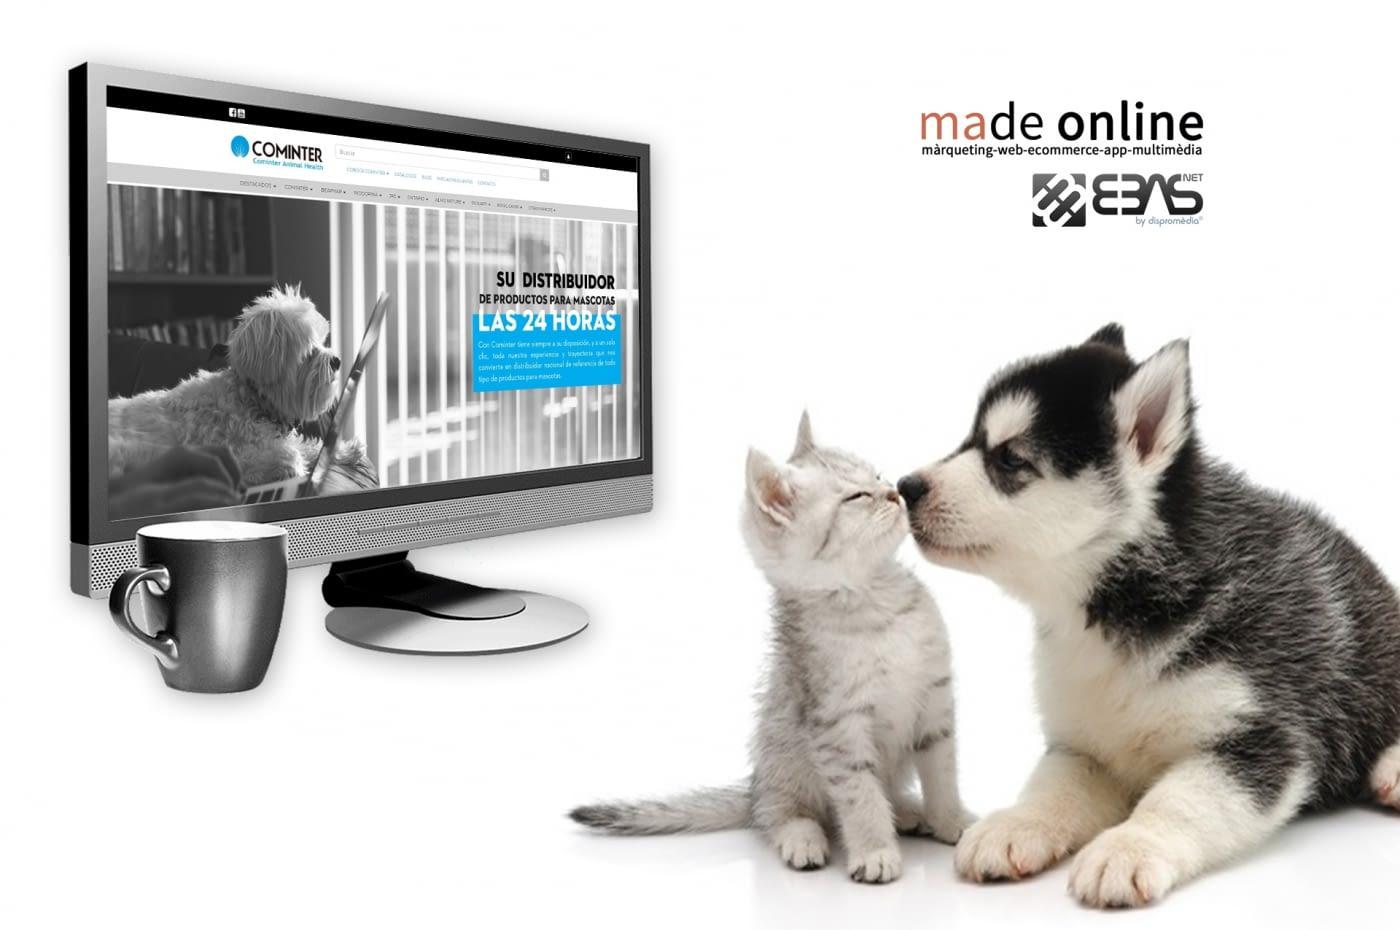 Nueva Web Corporativa más Tienda online (B2B) creada por nuestro partner Made online